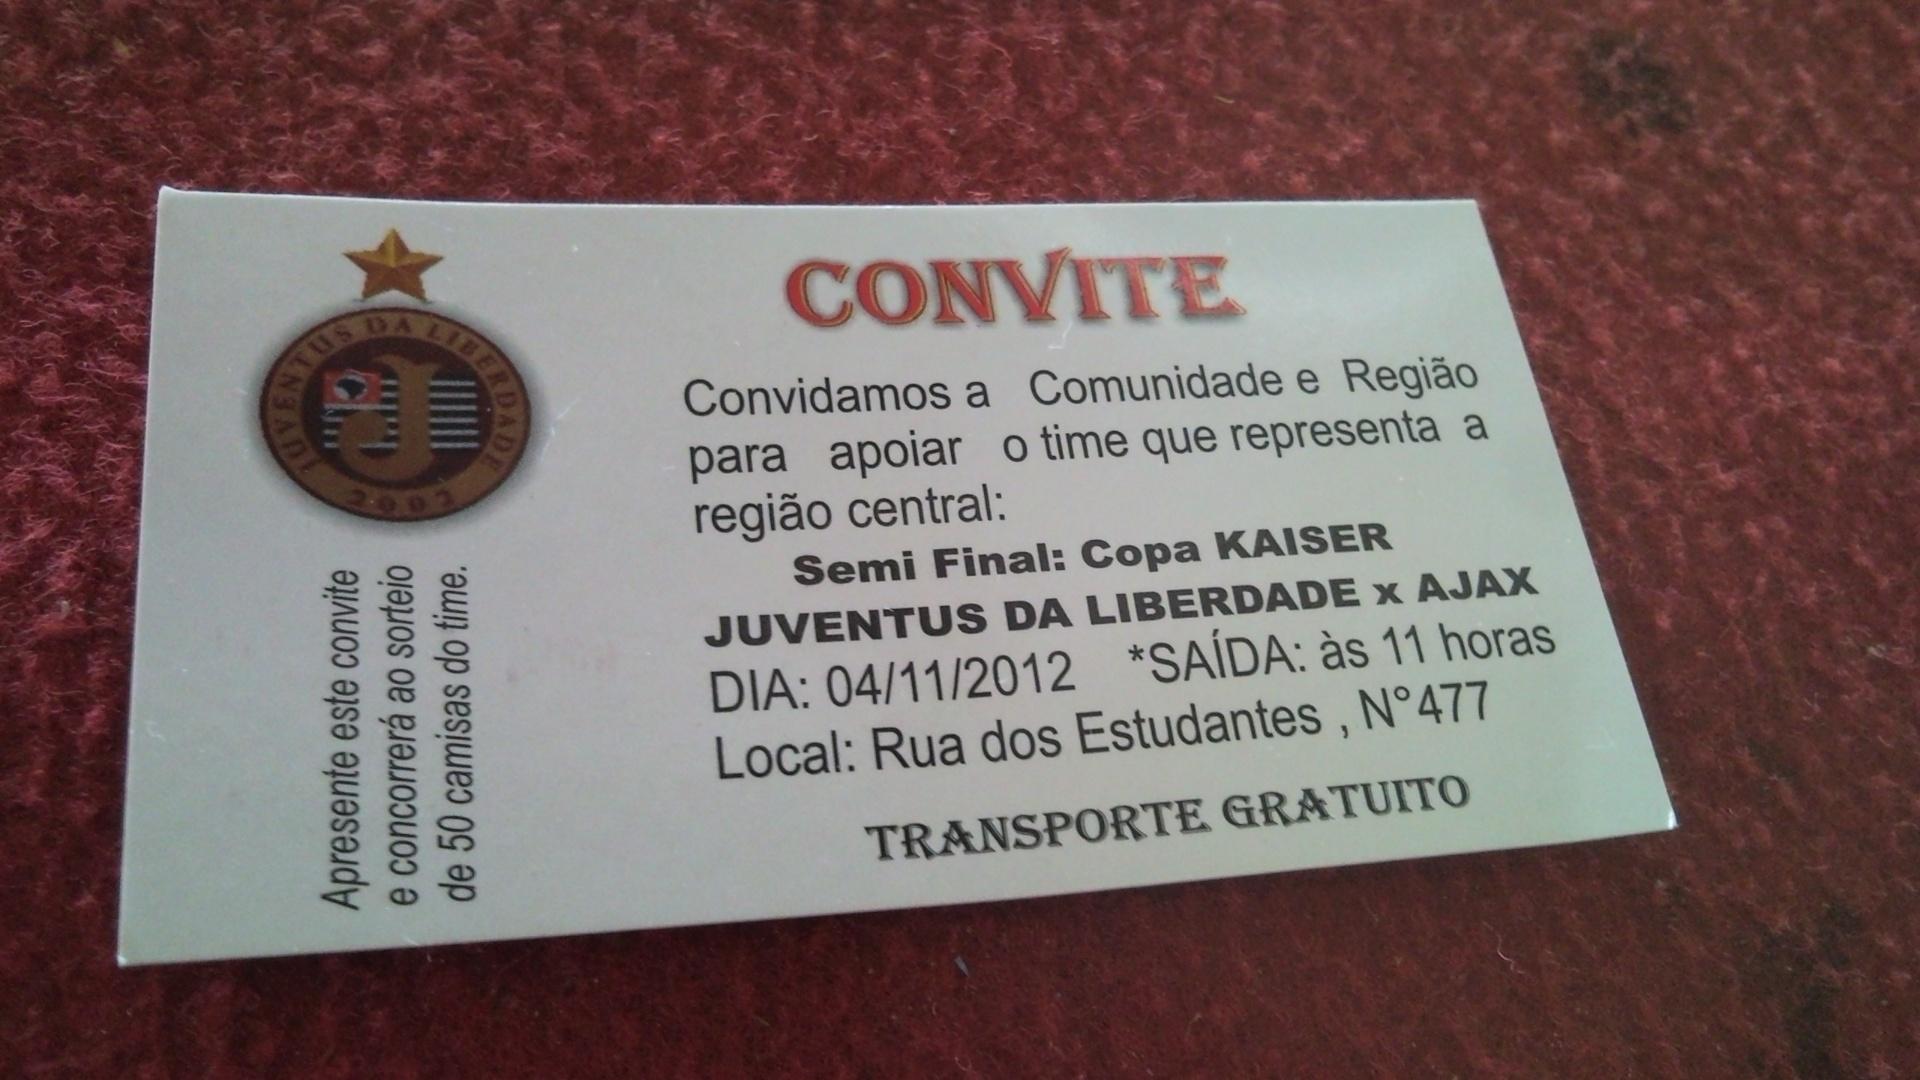 Convite do Juventus da Liberdade para a semifinal da Copa Kaiser